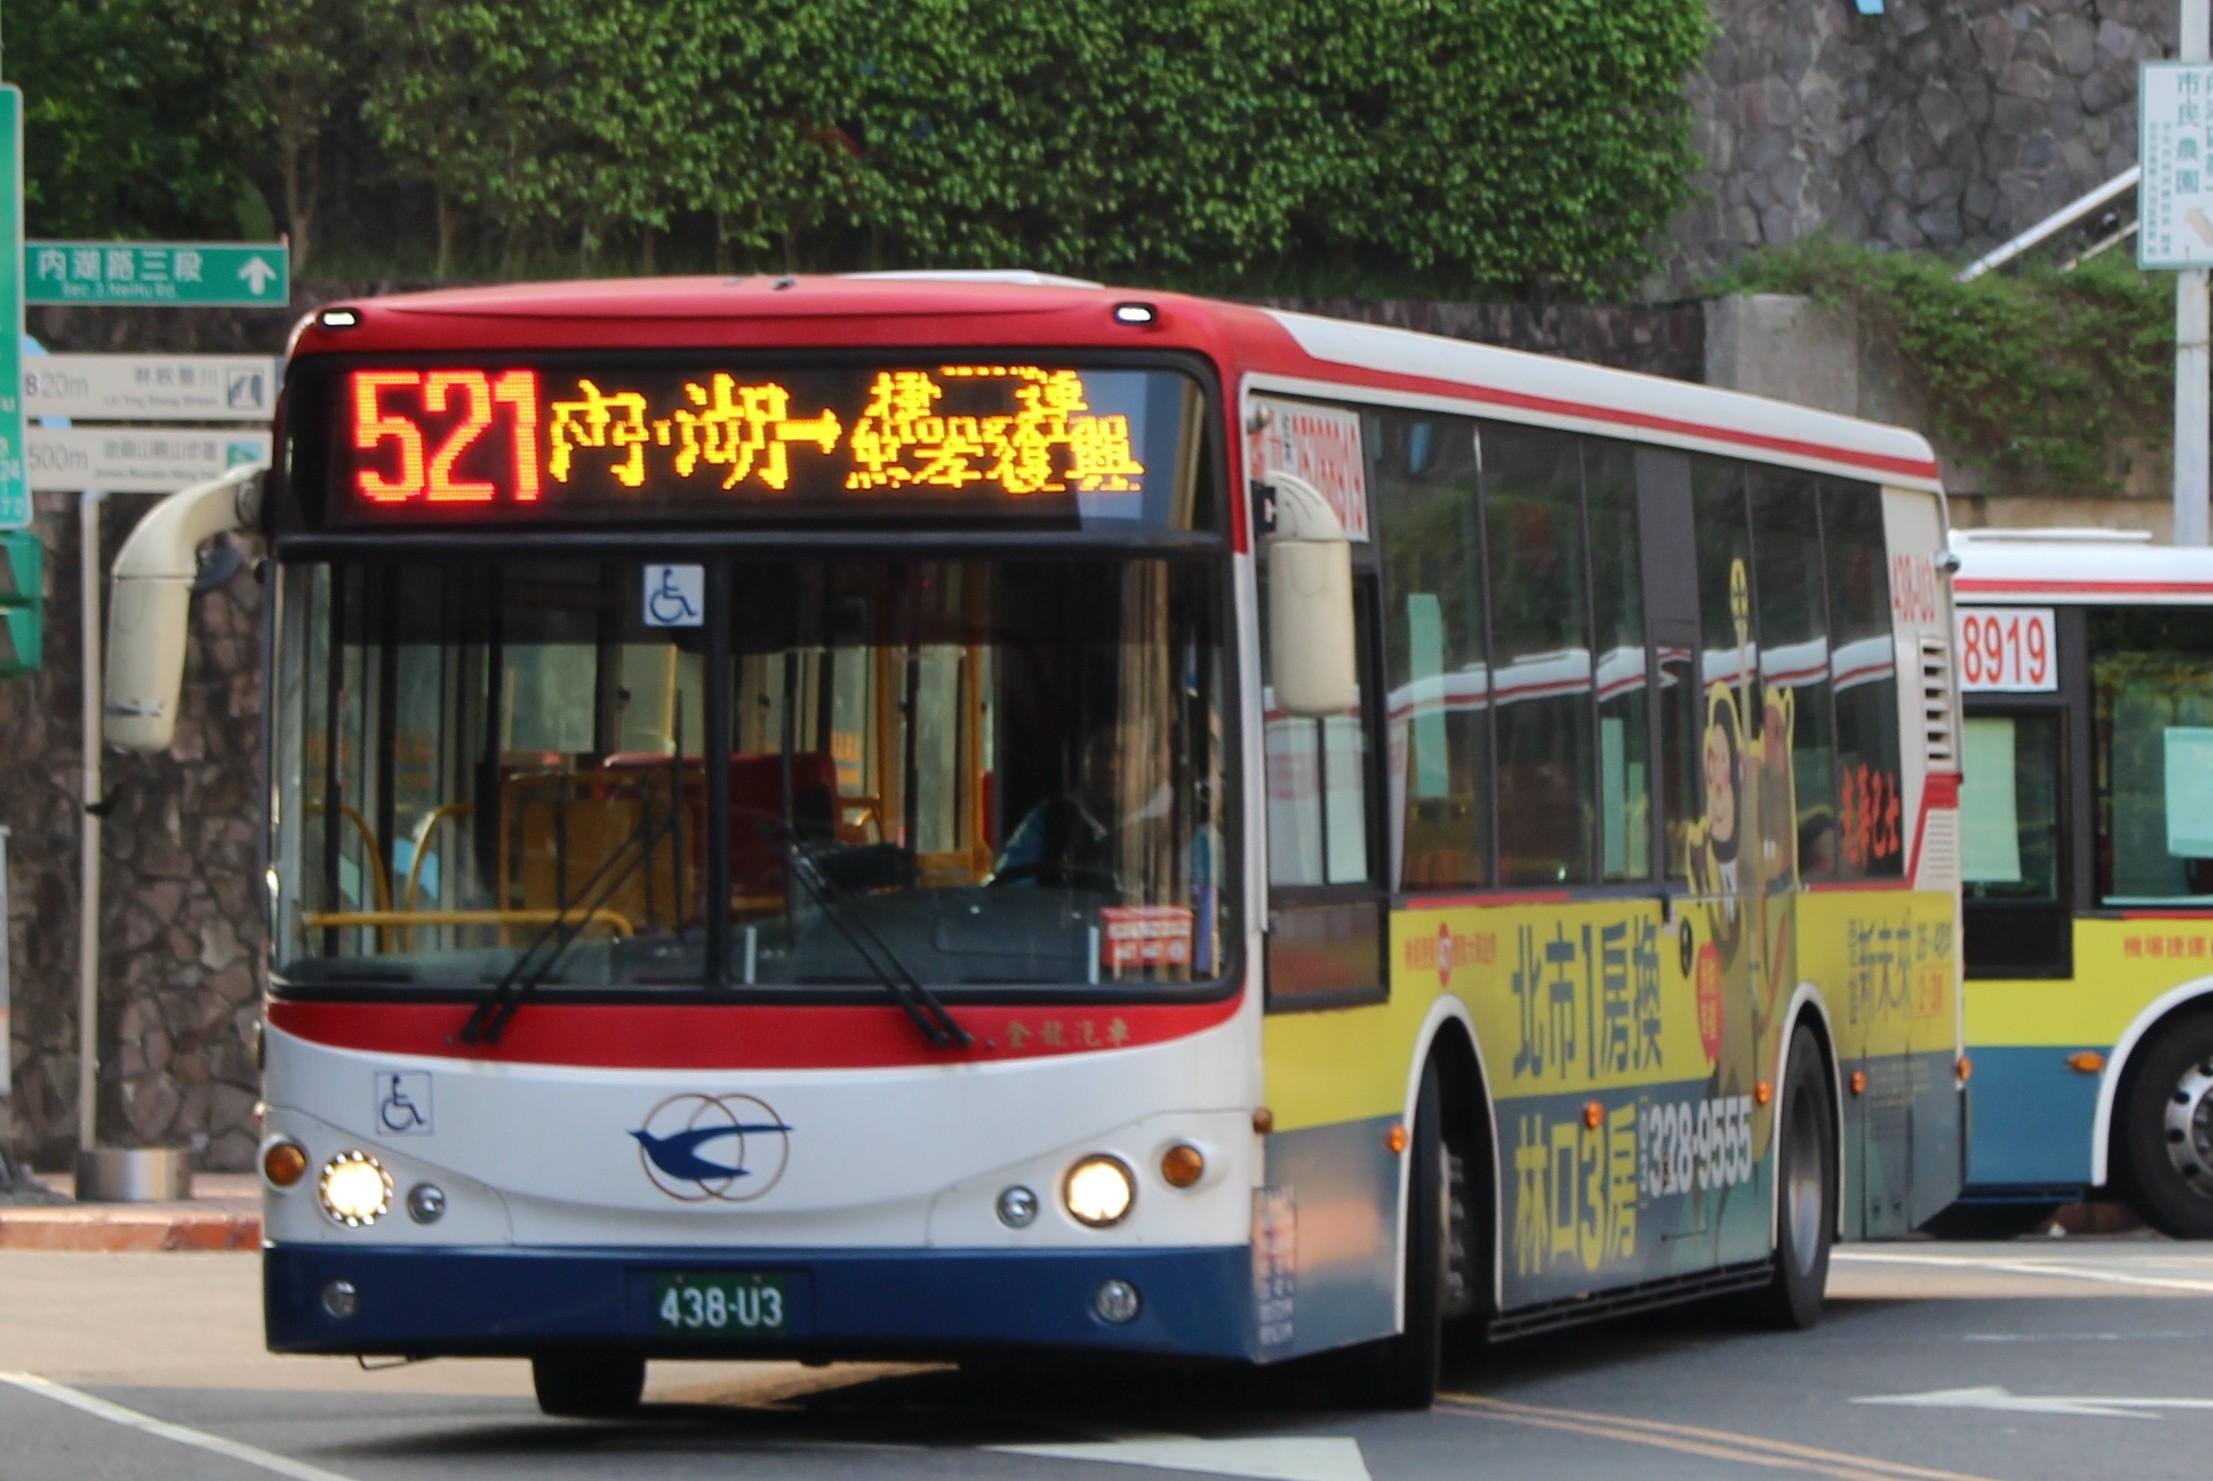 File:光華巴士438-U3 521.jpg